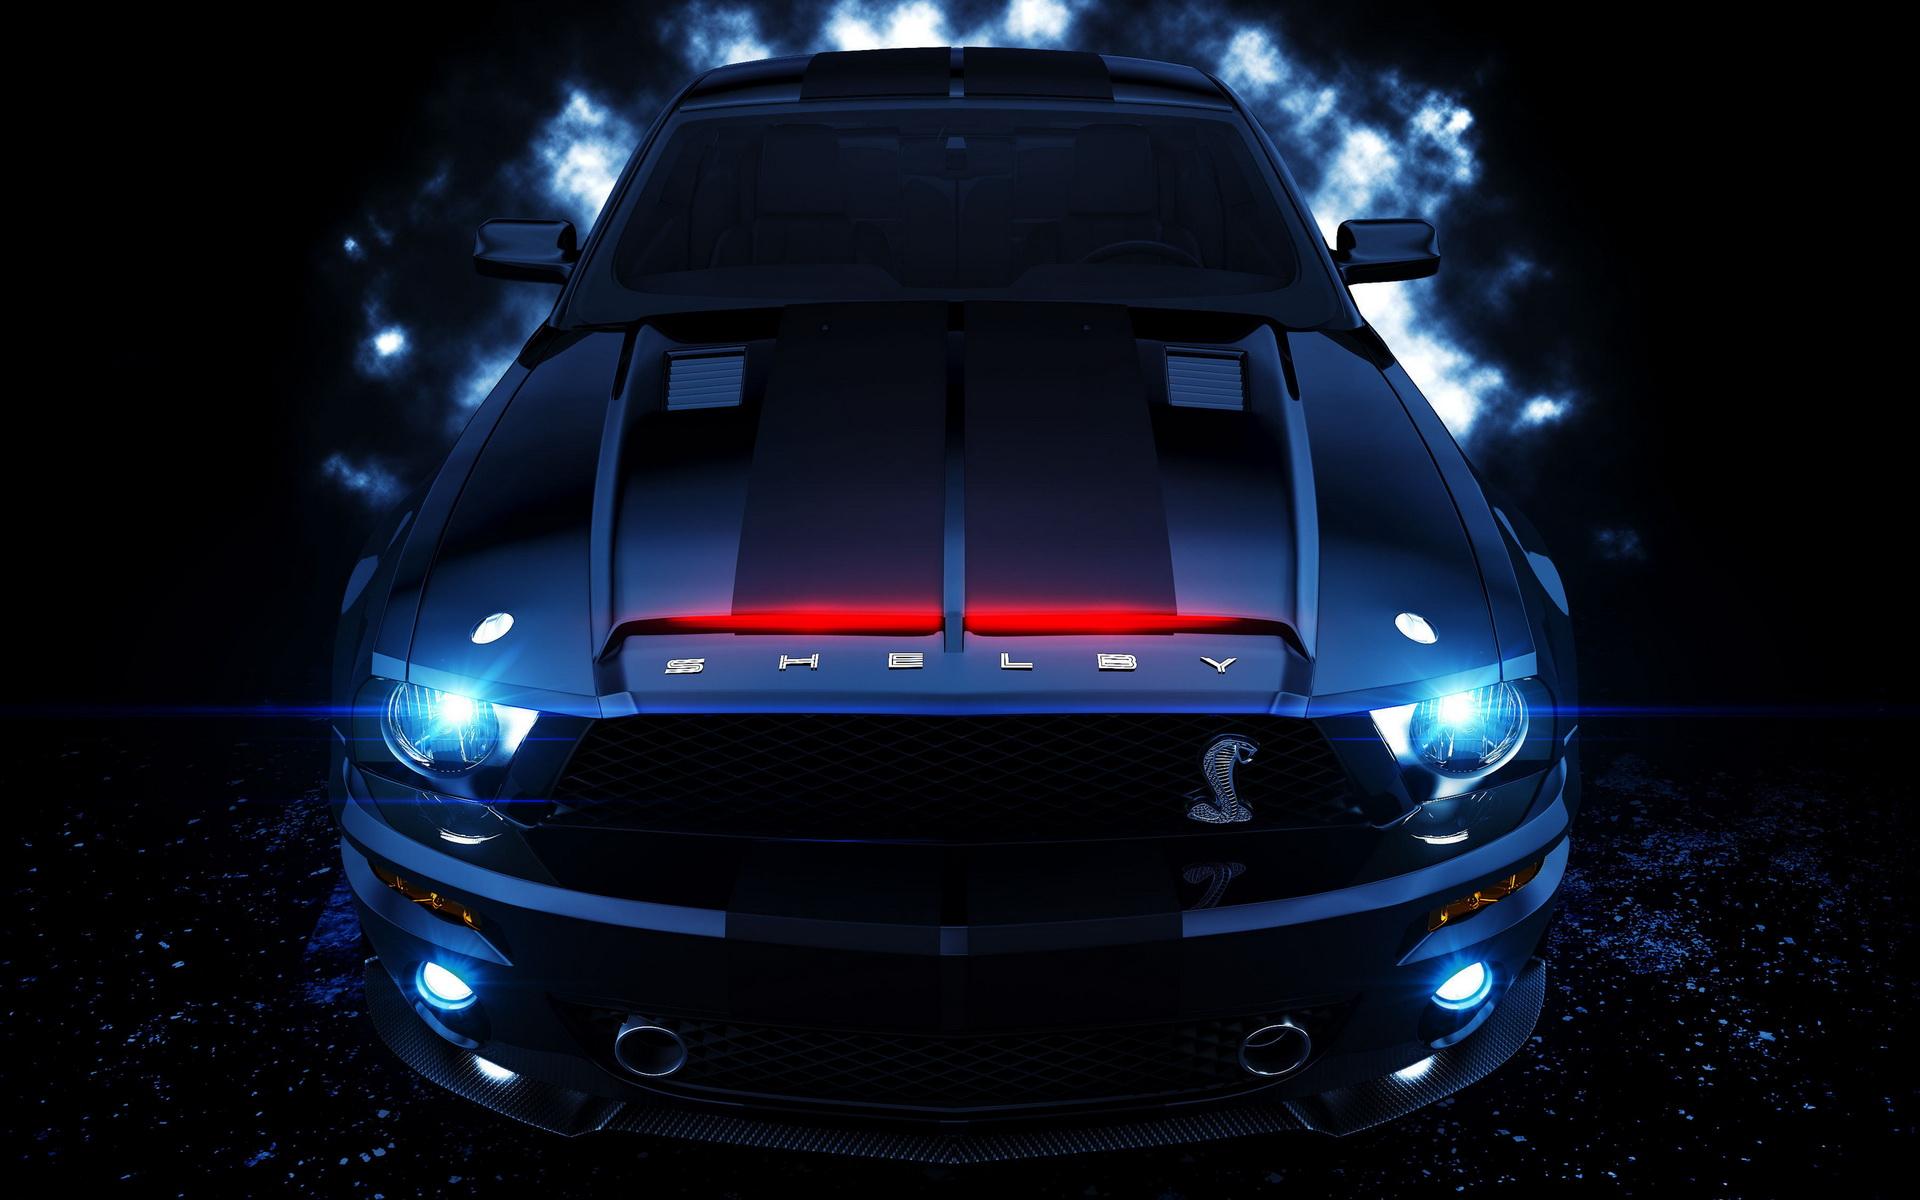 Ford Mustang Shelby Cobra GT 500 Full HD Fondo de Pantalla ...